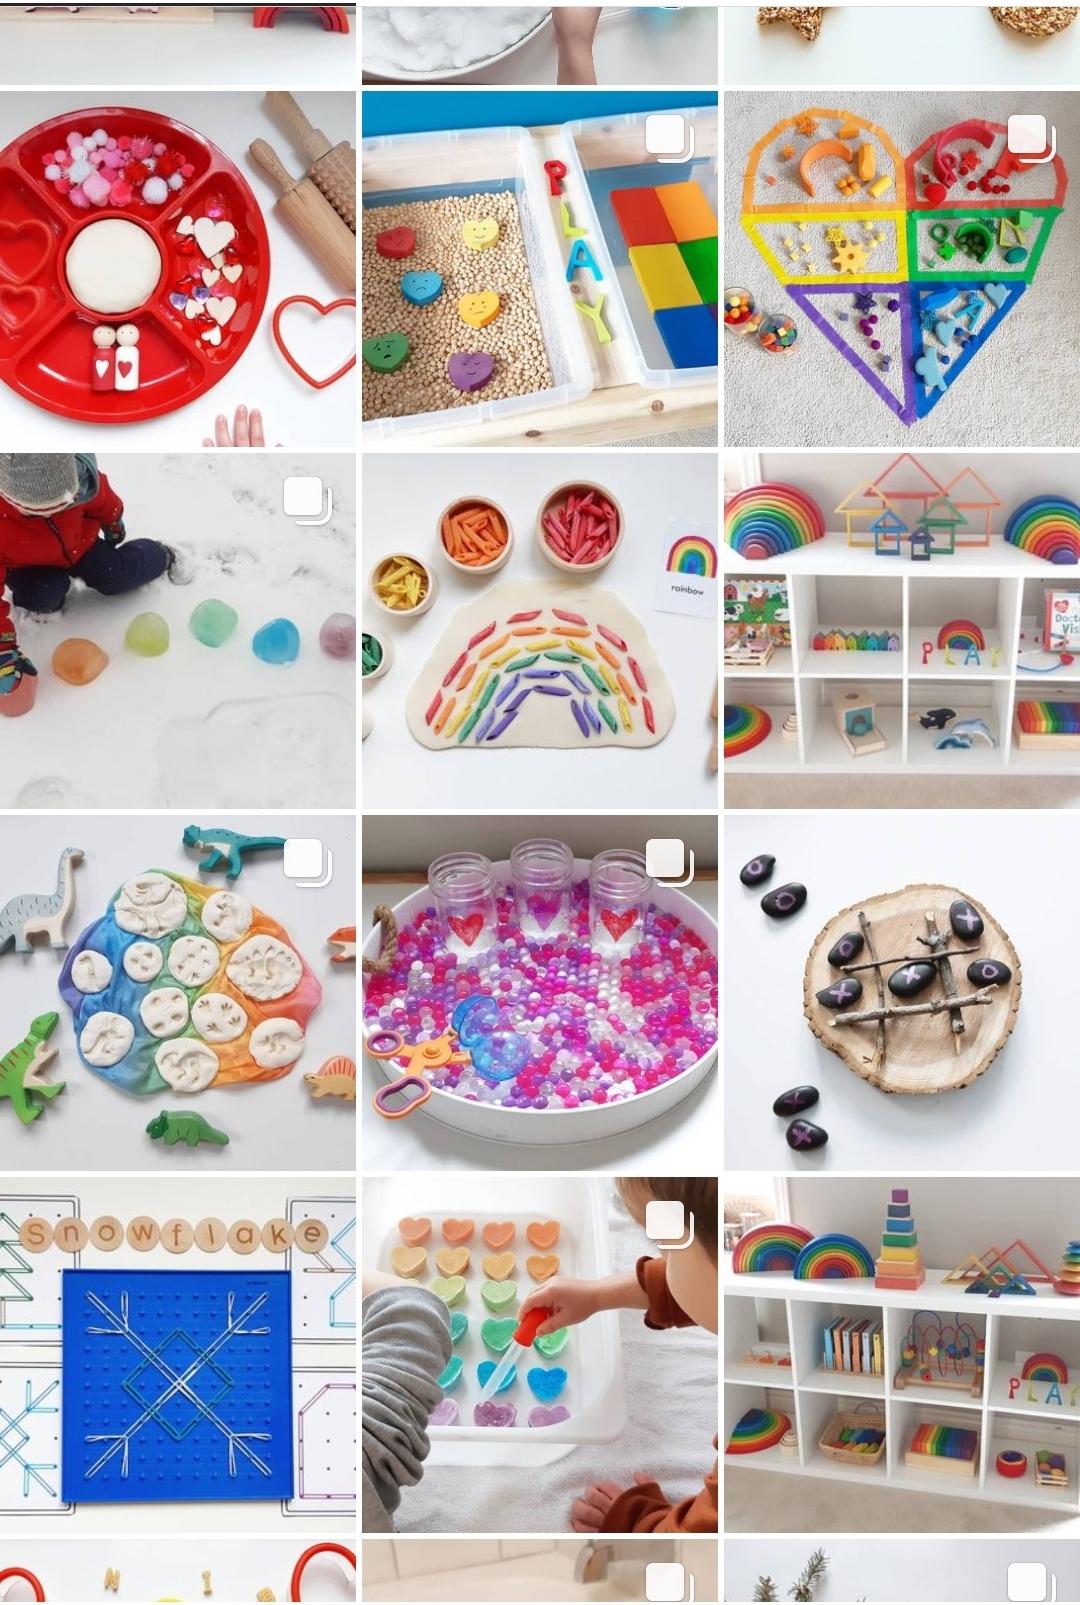 Five Amazing Instagram Accounts For Kids Activities-4